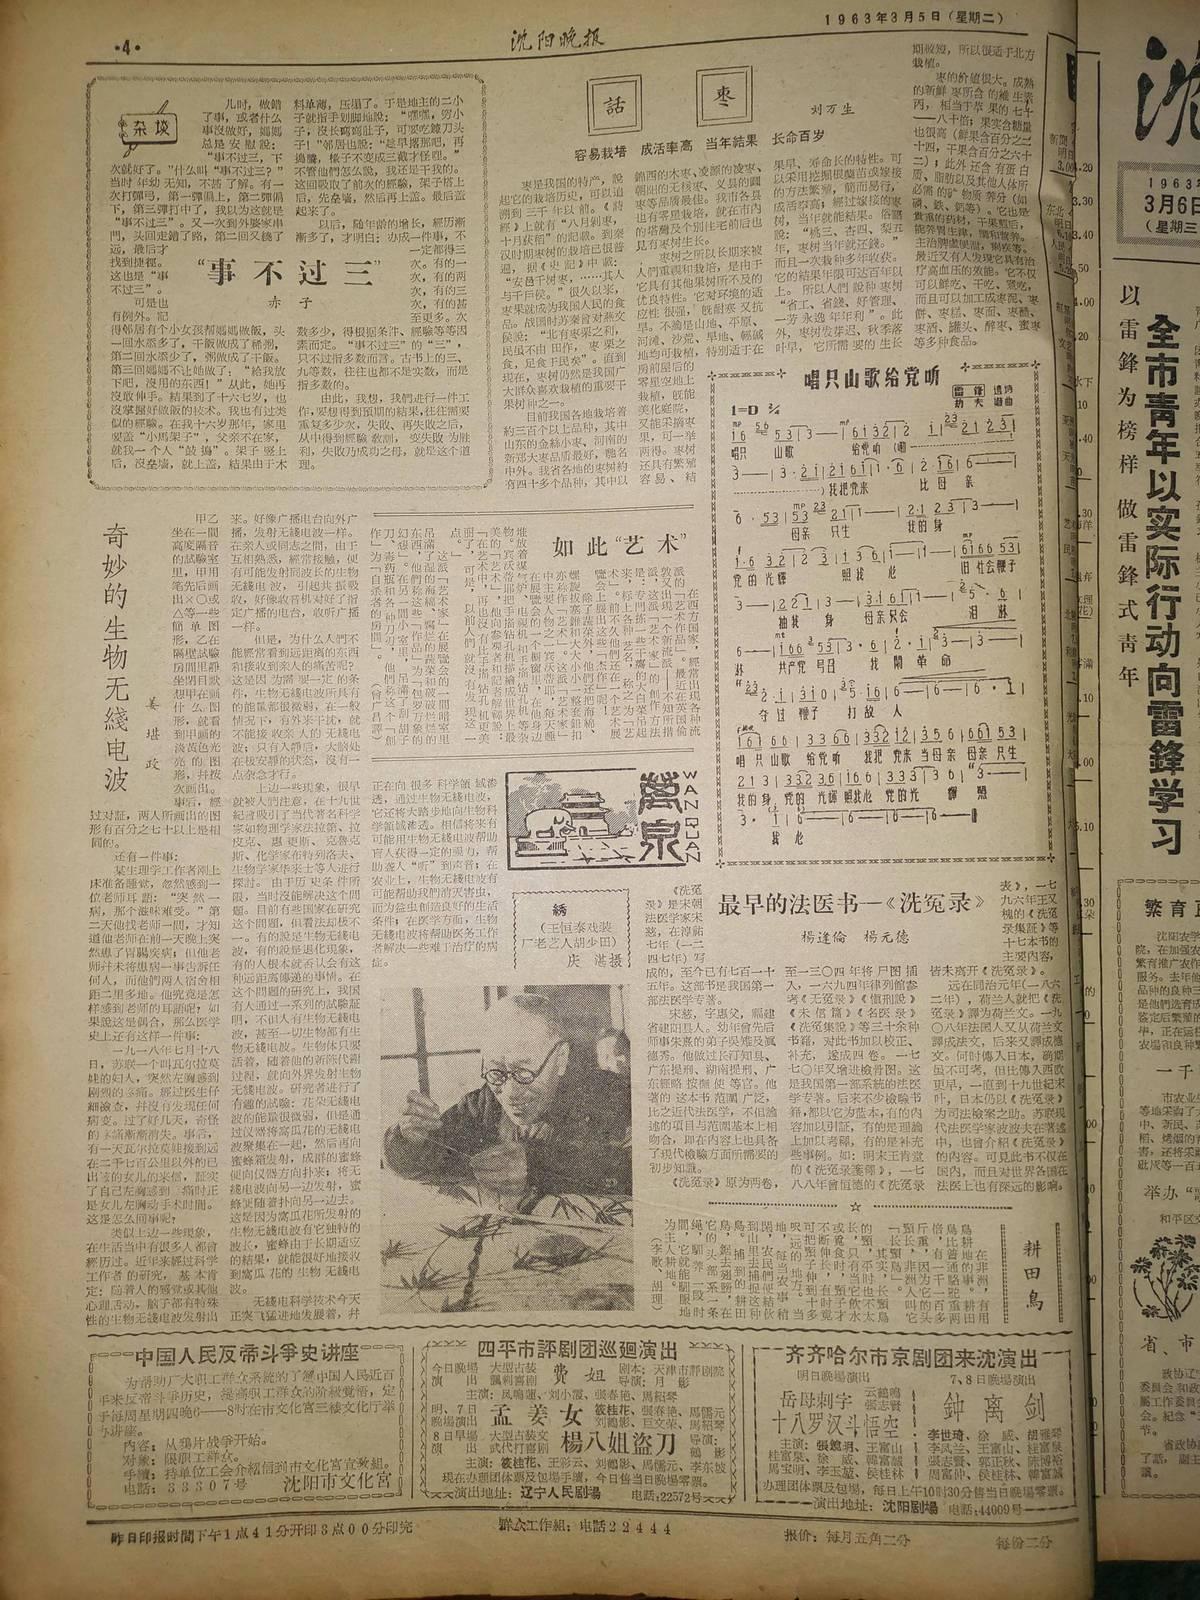 """雪狼:中国60年代的""""脑控""""资料与中共脑控武器的危害(二)<span>——心灵感应与脑控武器功能之""""人造心灵感应""""</span>"""